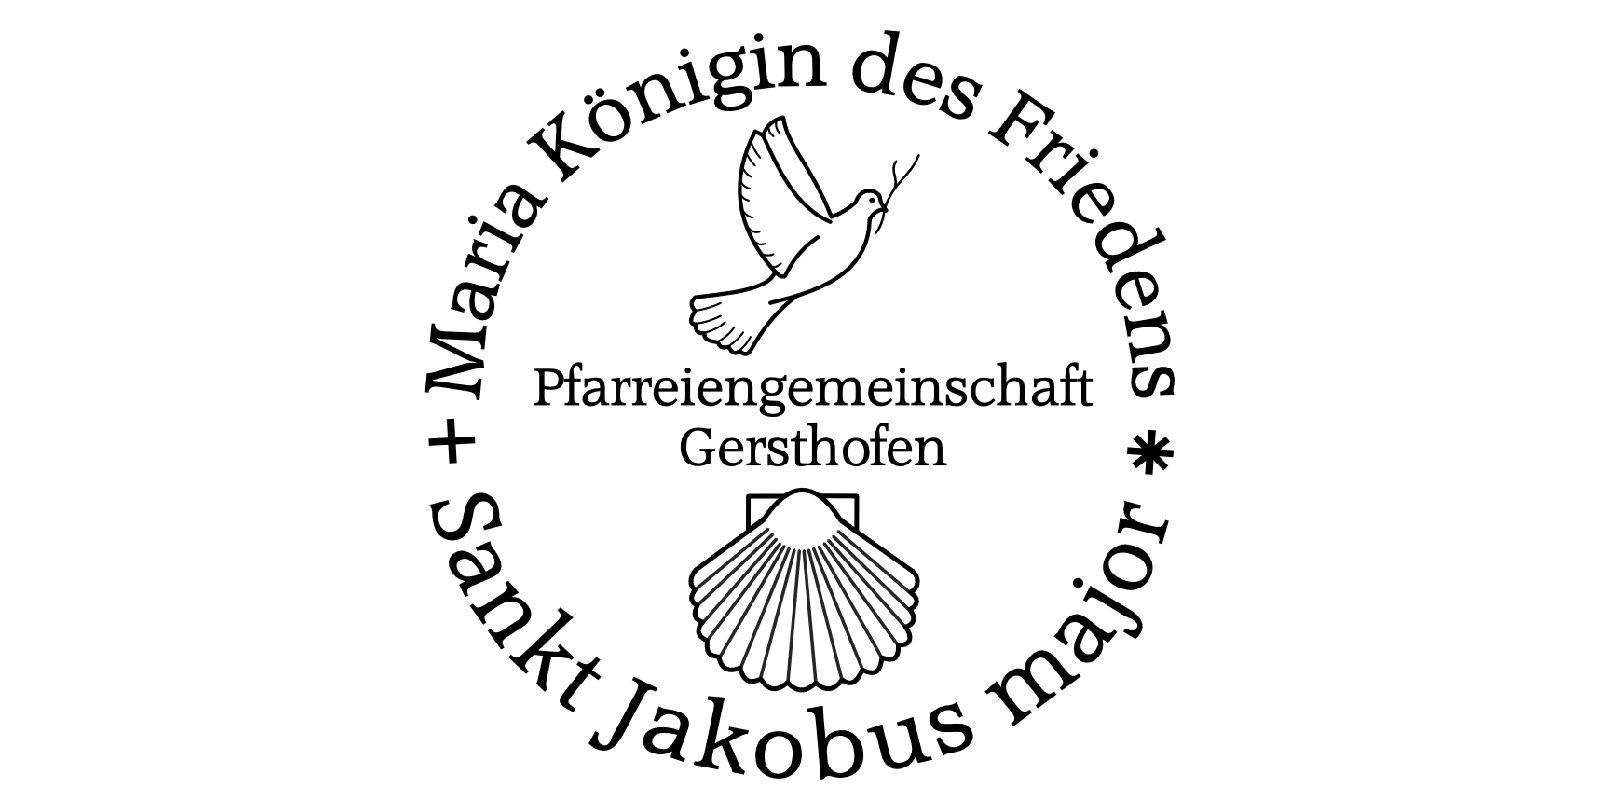 Sonderkollekte für das Caritas-Zentrum in Augsburg